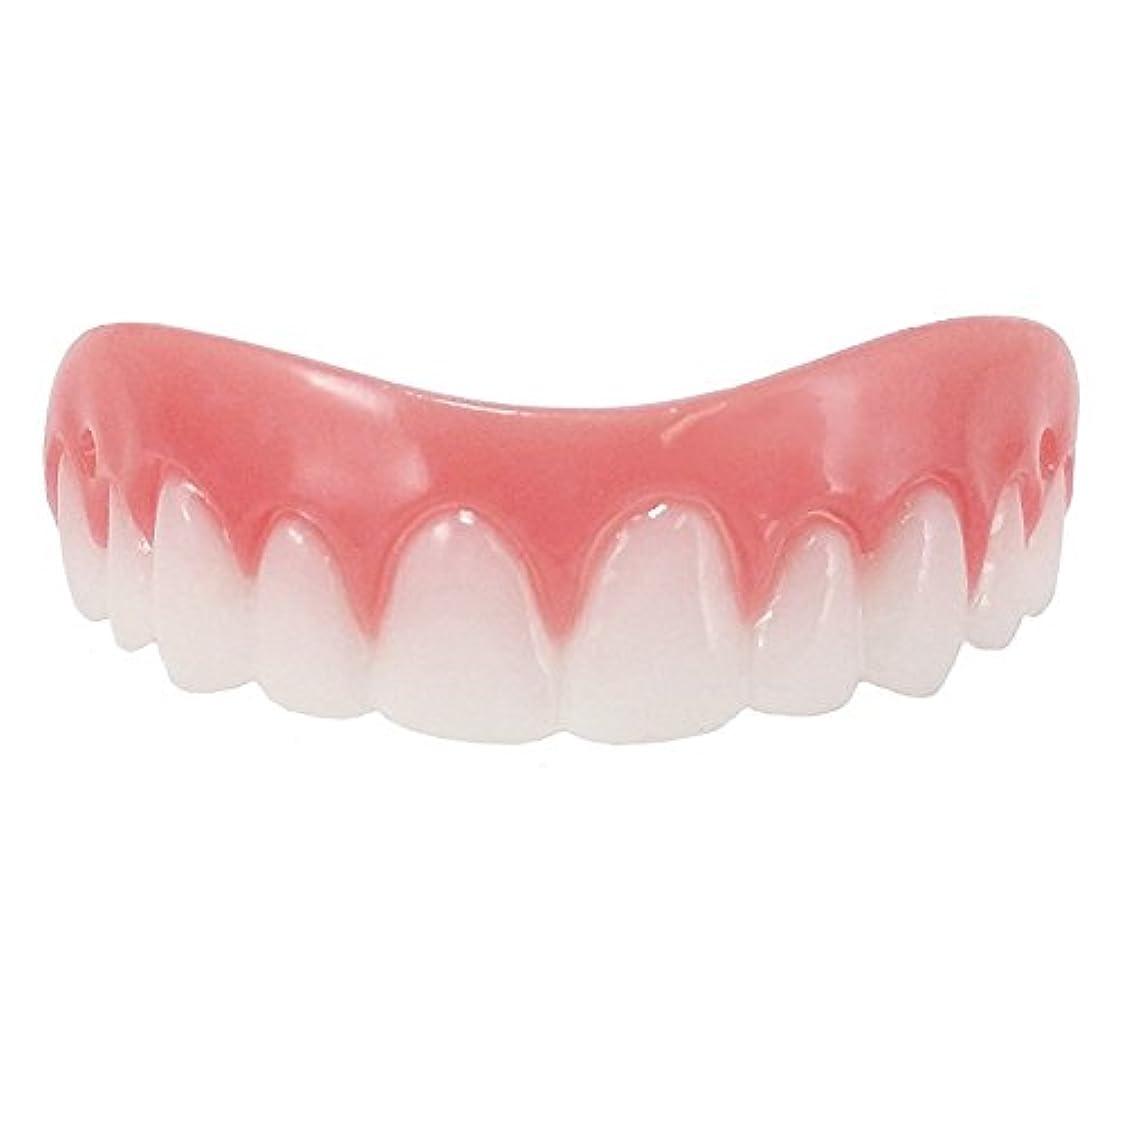 寺院生き物ガスシリコン義歯ペースト 美容用 入れ歯 上歯 下歯2個セット (free size)